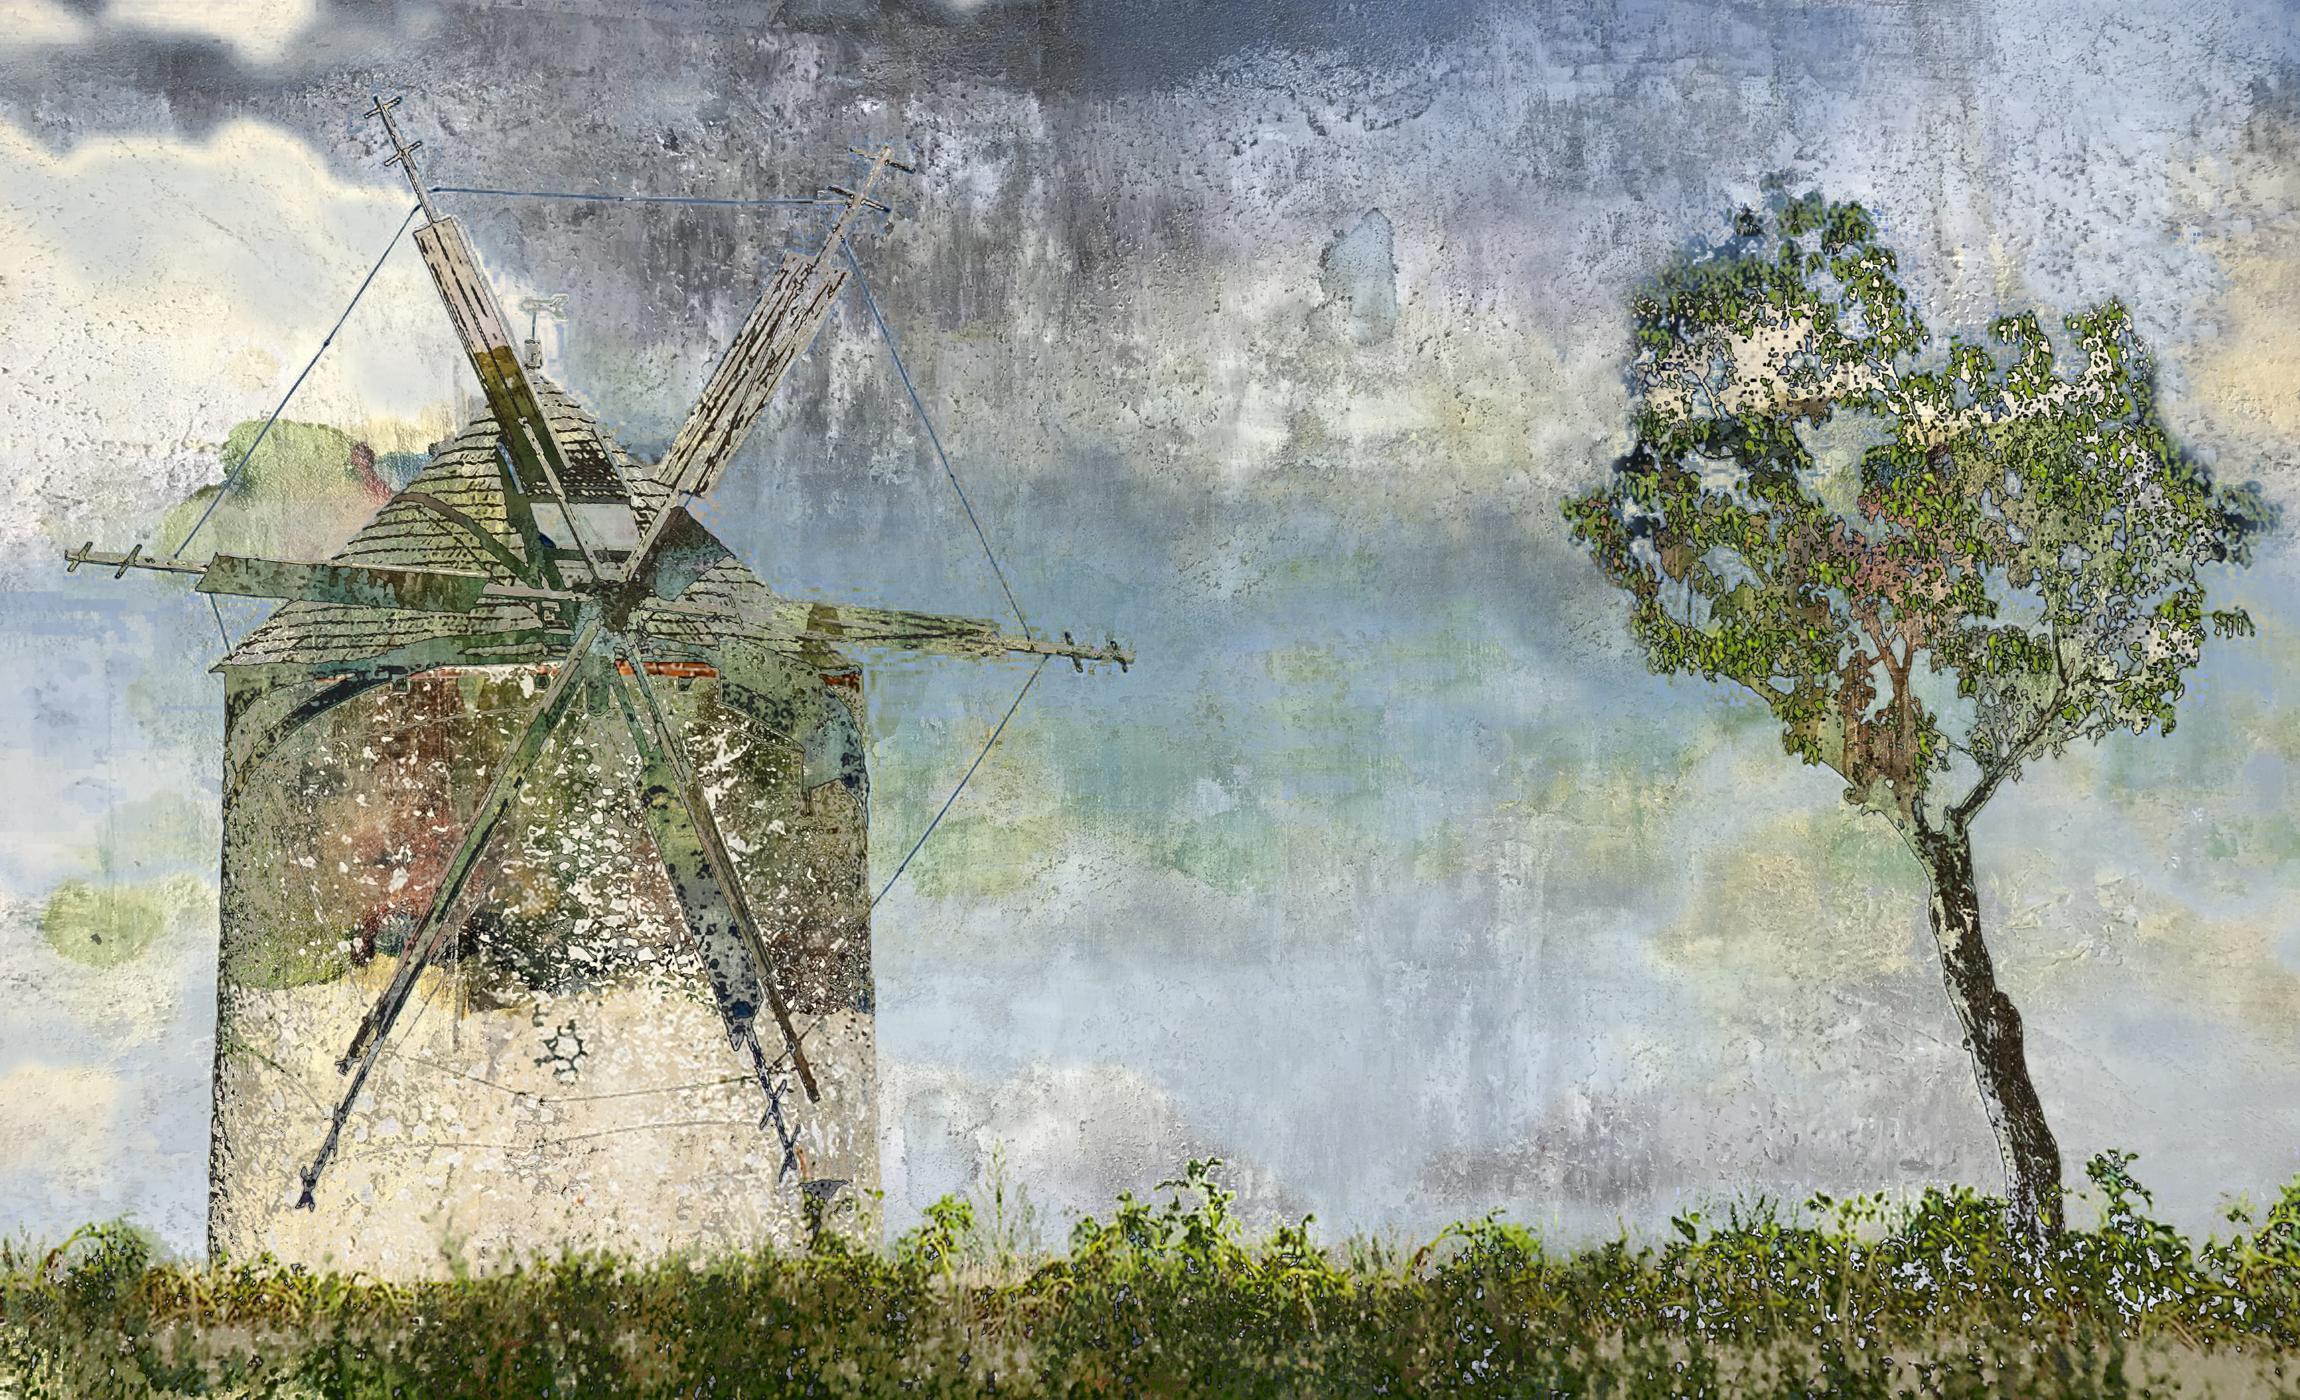 Windmill + Tree